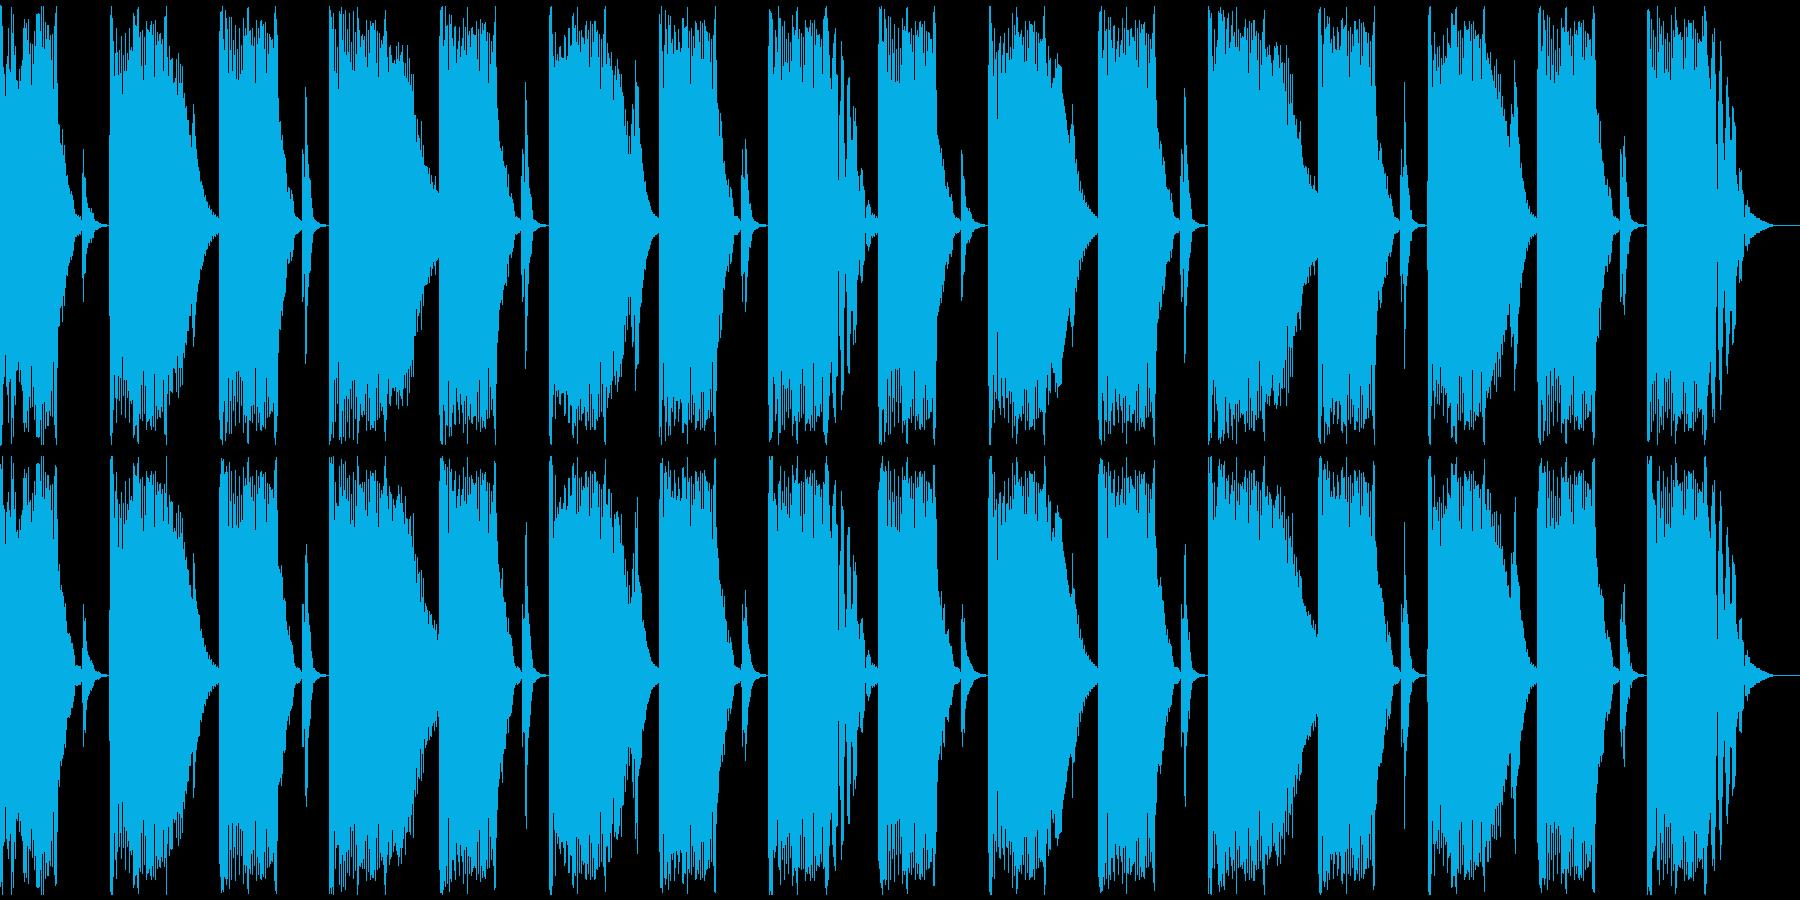 【エレクトロニカ】ロング2、ショート4の再生済みの波形